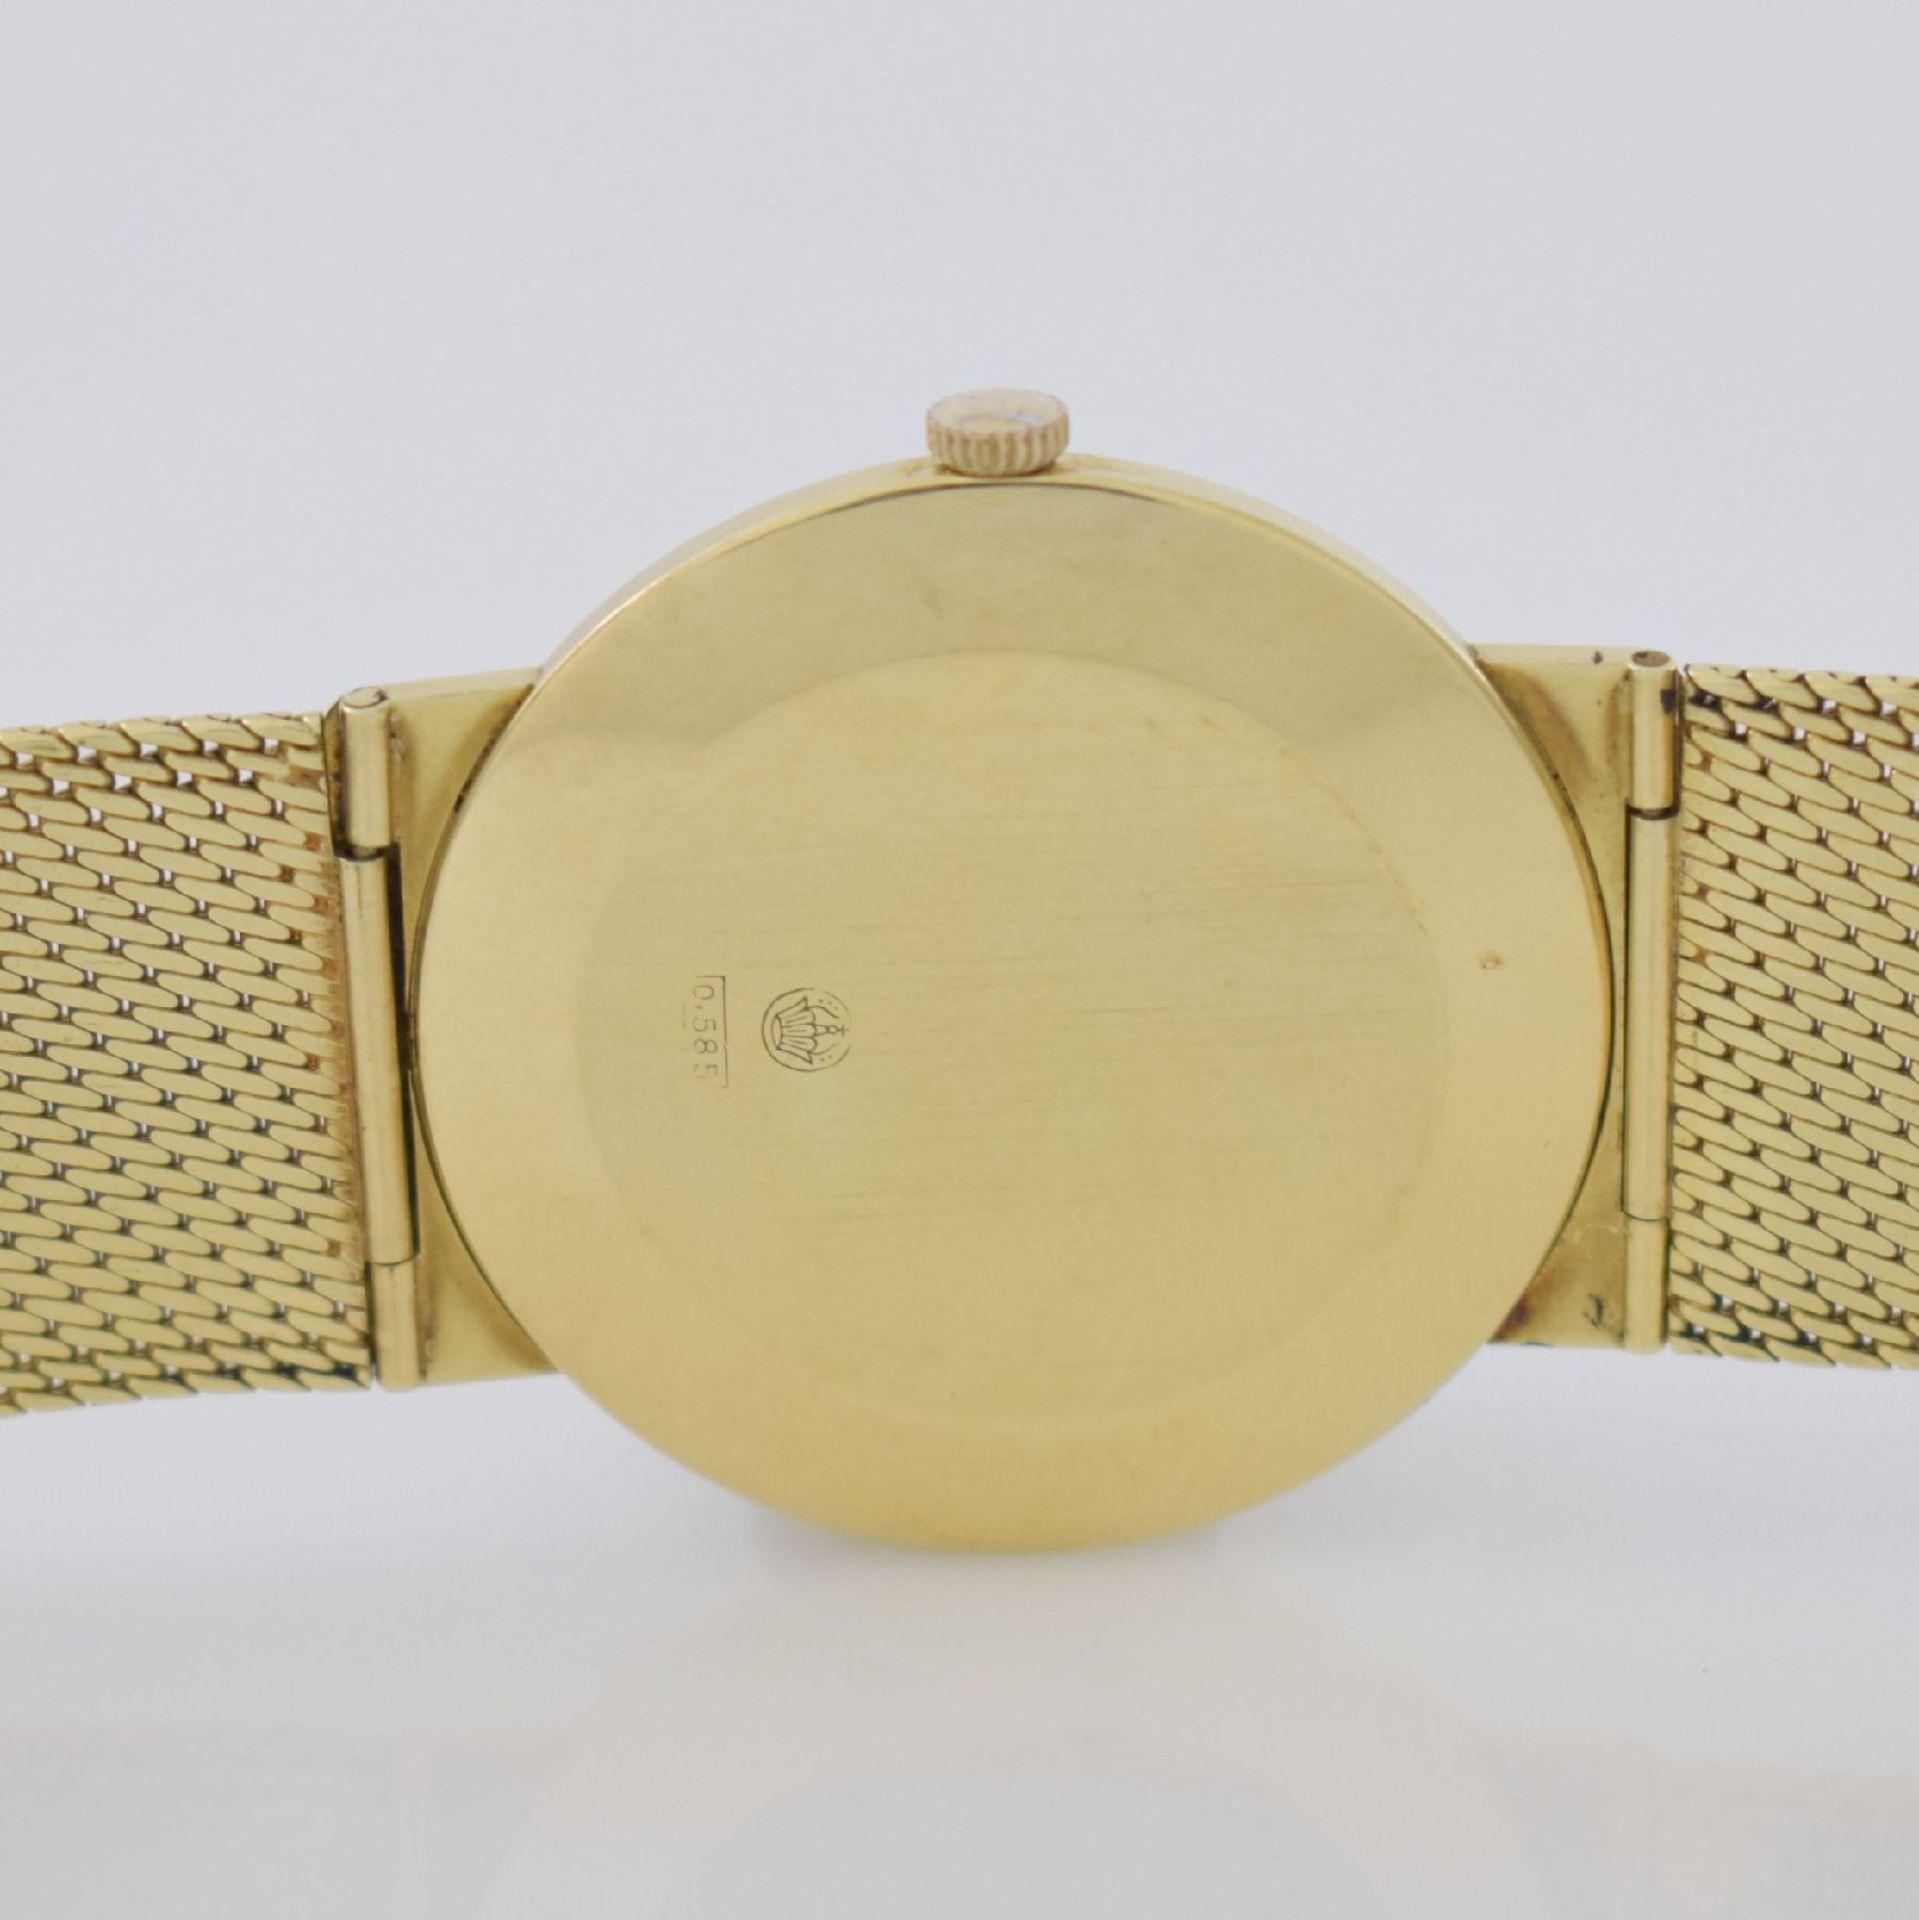 Herrenarmbanduhr in GG 585/000 mit GG 585/000 Milanaiseband, Deutschland um 1965, Handaufzug, - Bild 6 aus 8